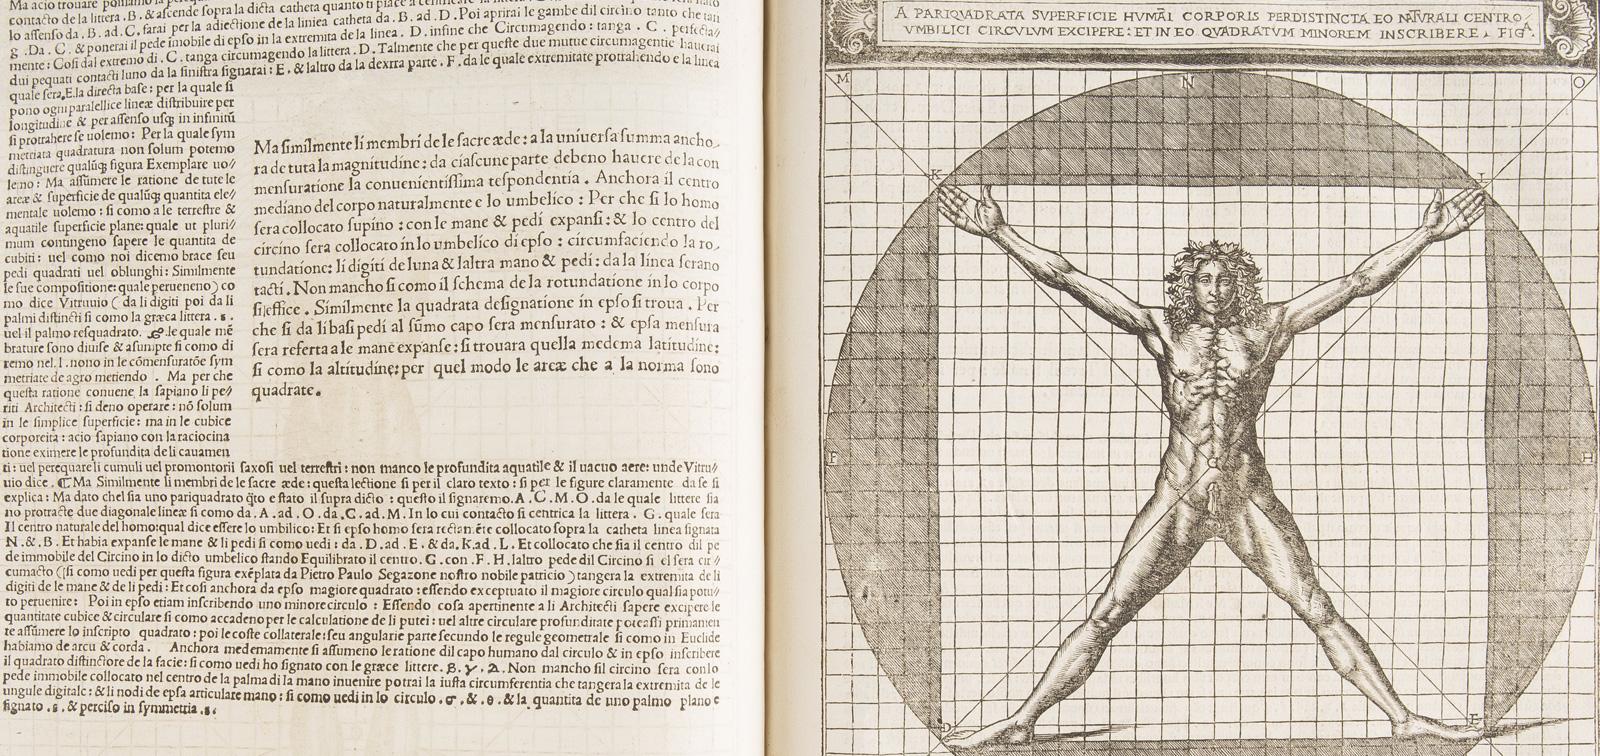 Descubriendo la Colección: Libros raros de la Biblioteca